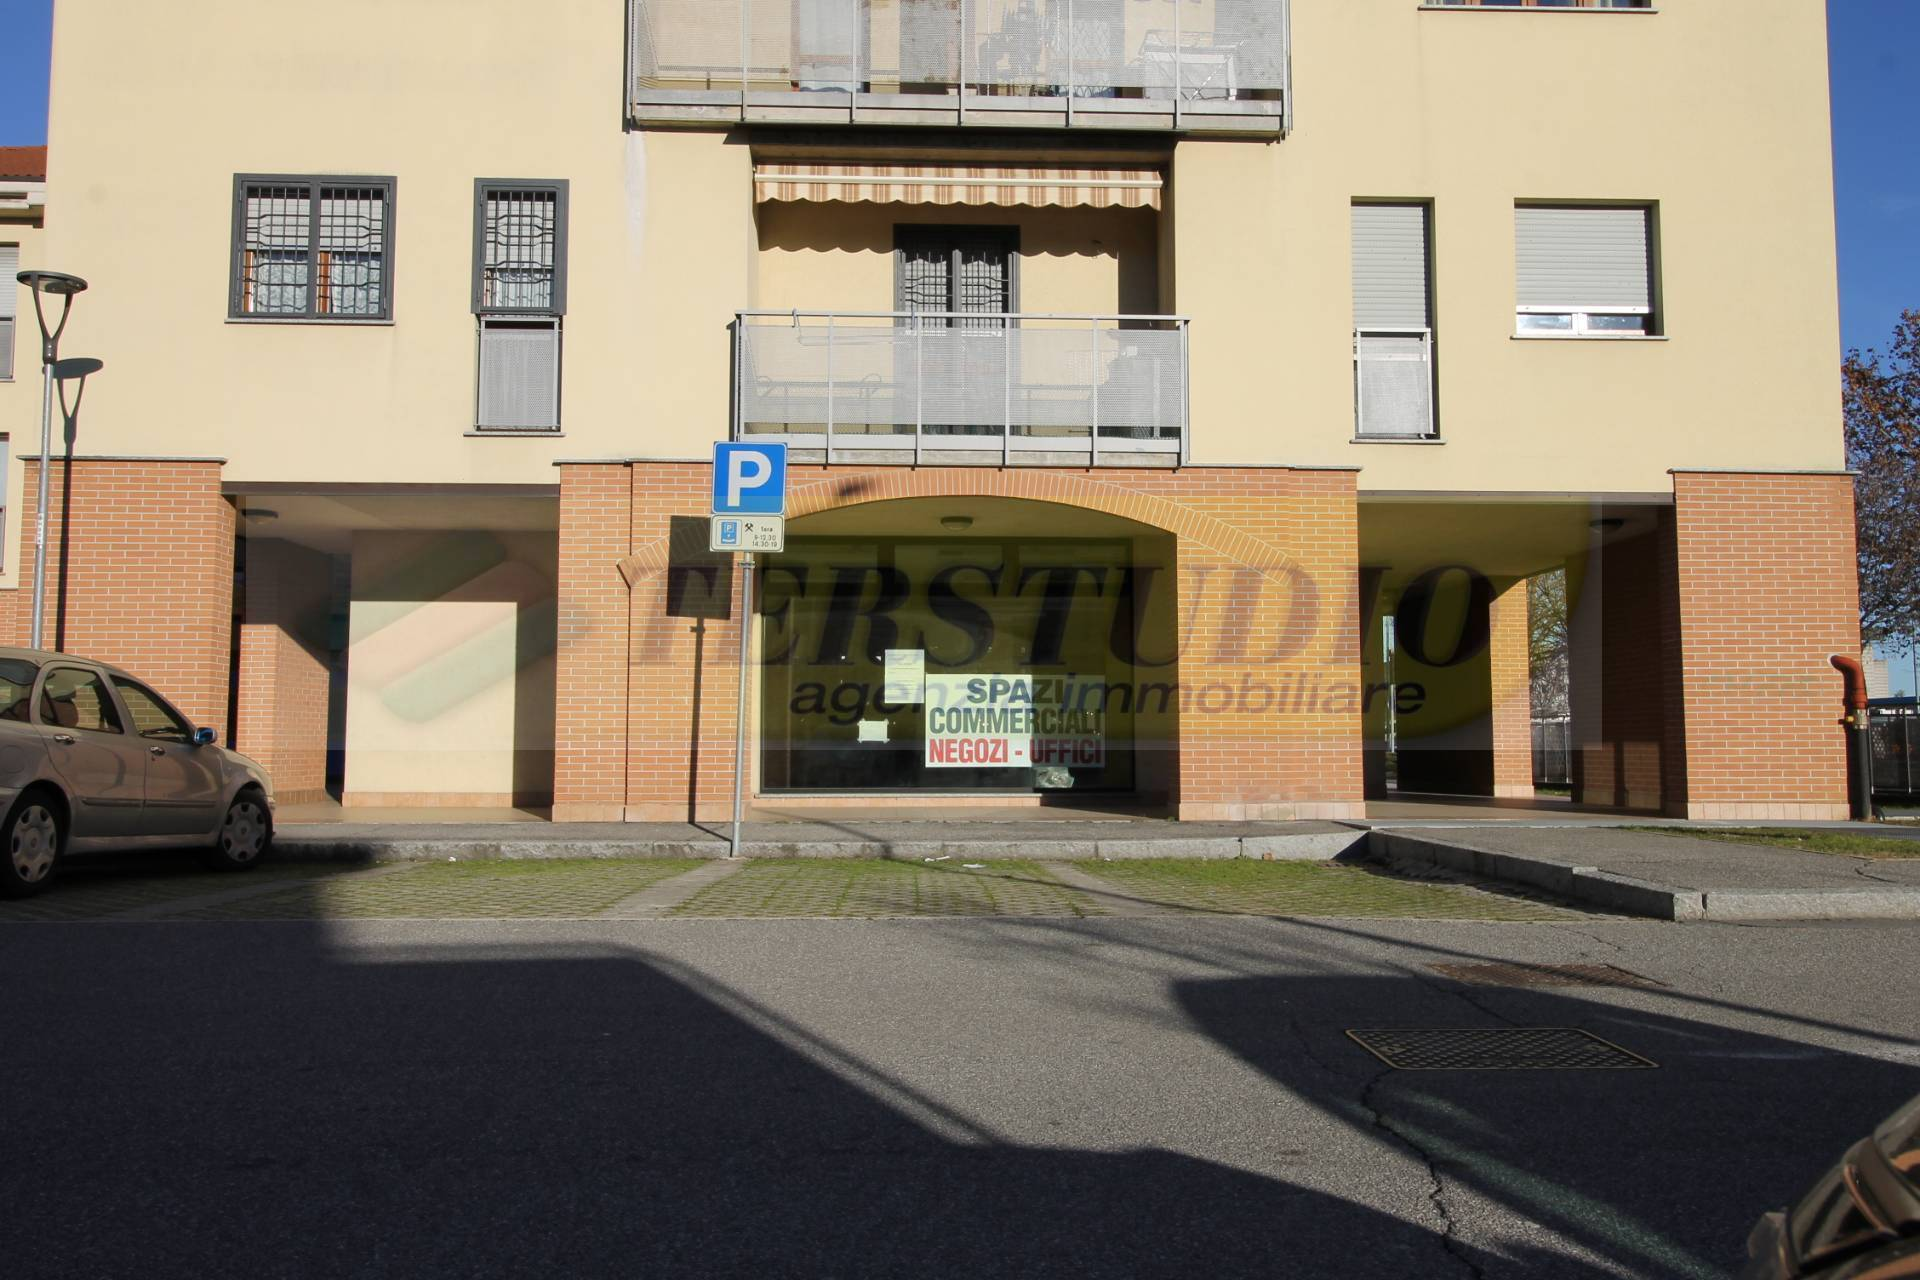 Vendita Negozio Commerciale/Industriale Azzano San Paolo 244766